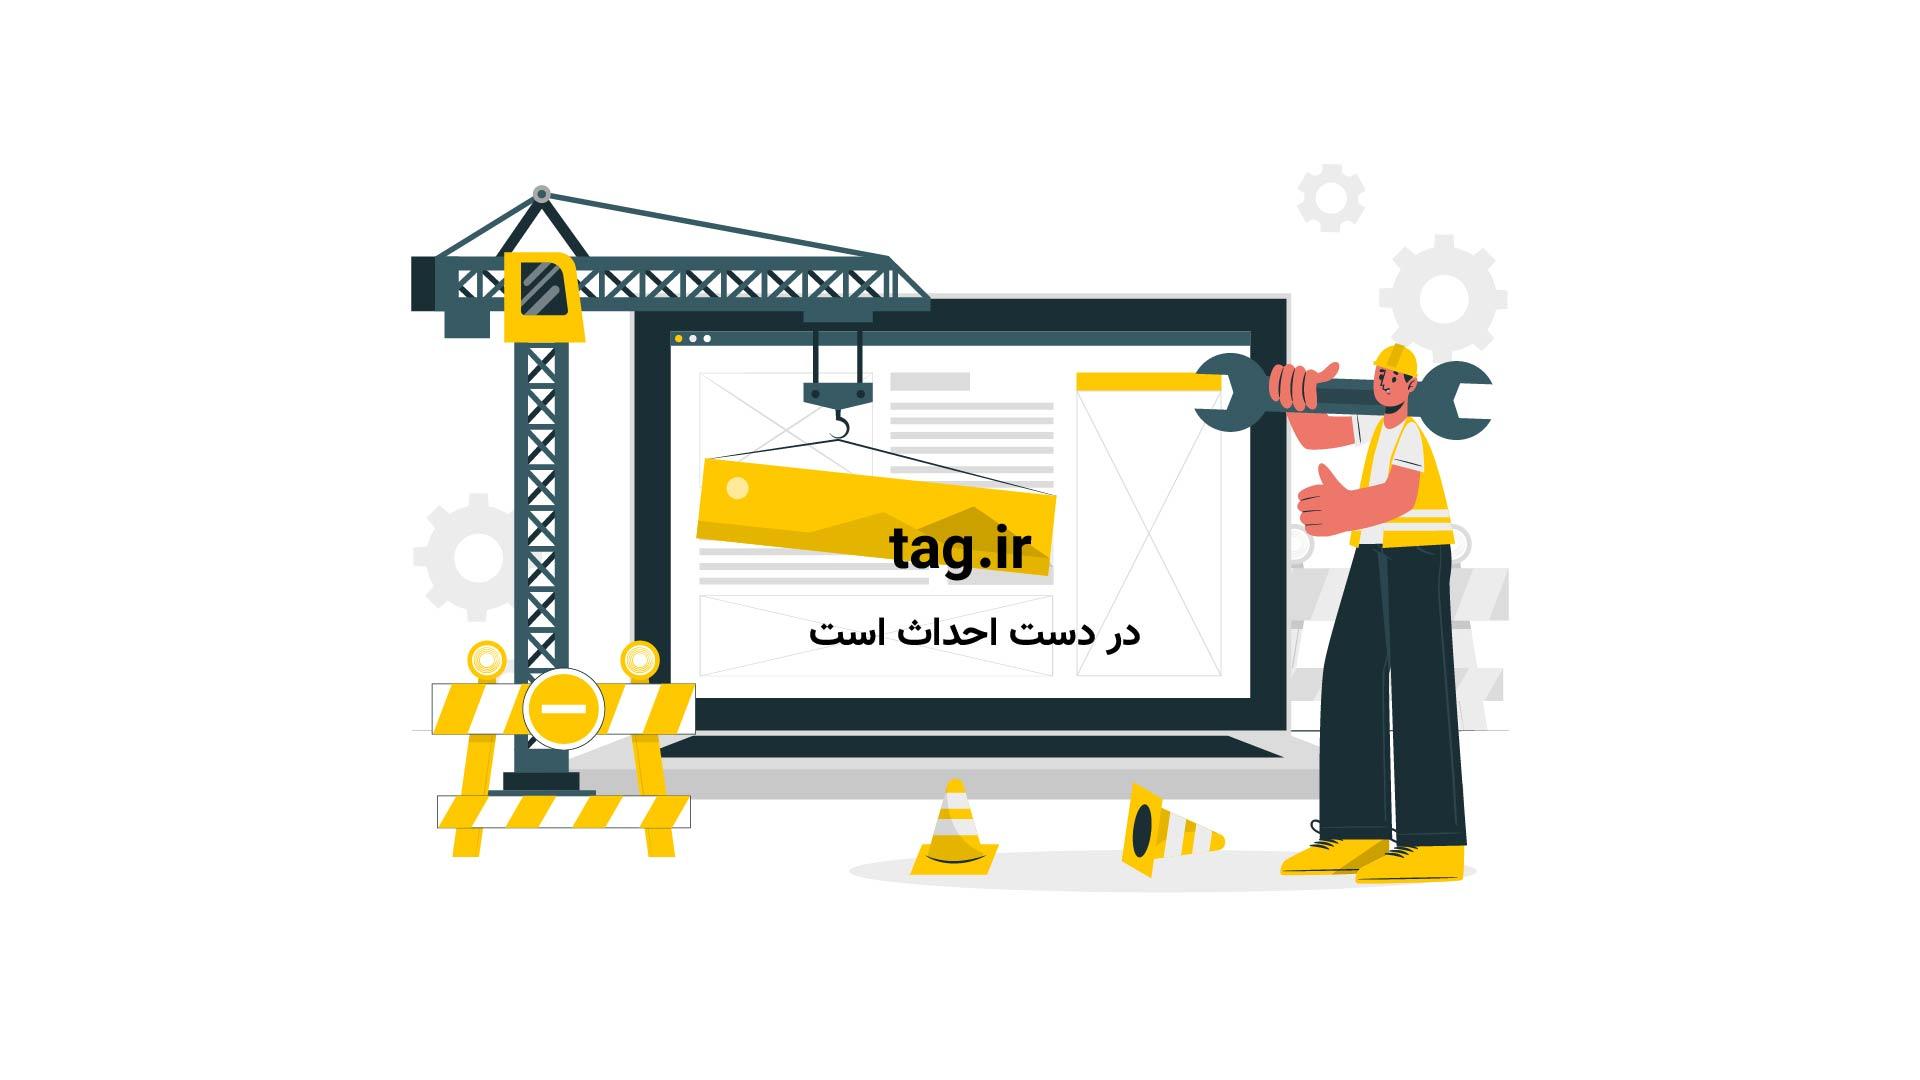 صحبت های دکتر حسن روحانی در جلسه هیات دولت | فیلم